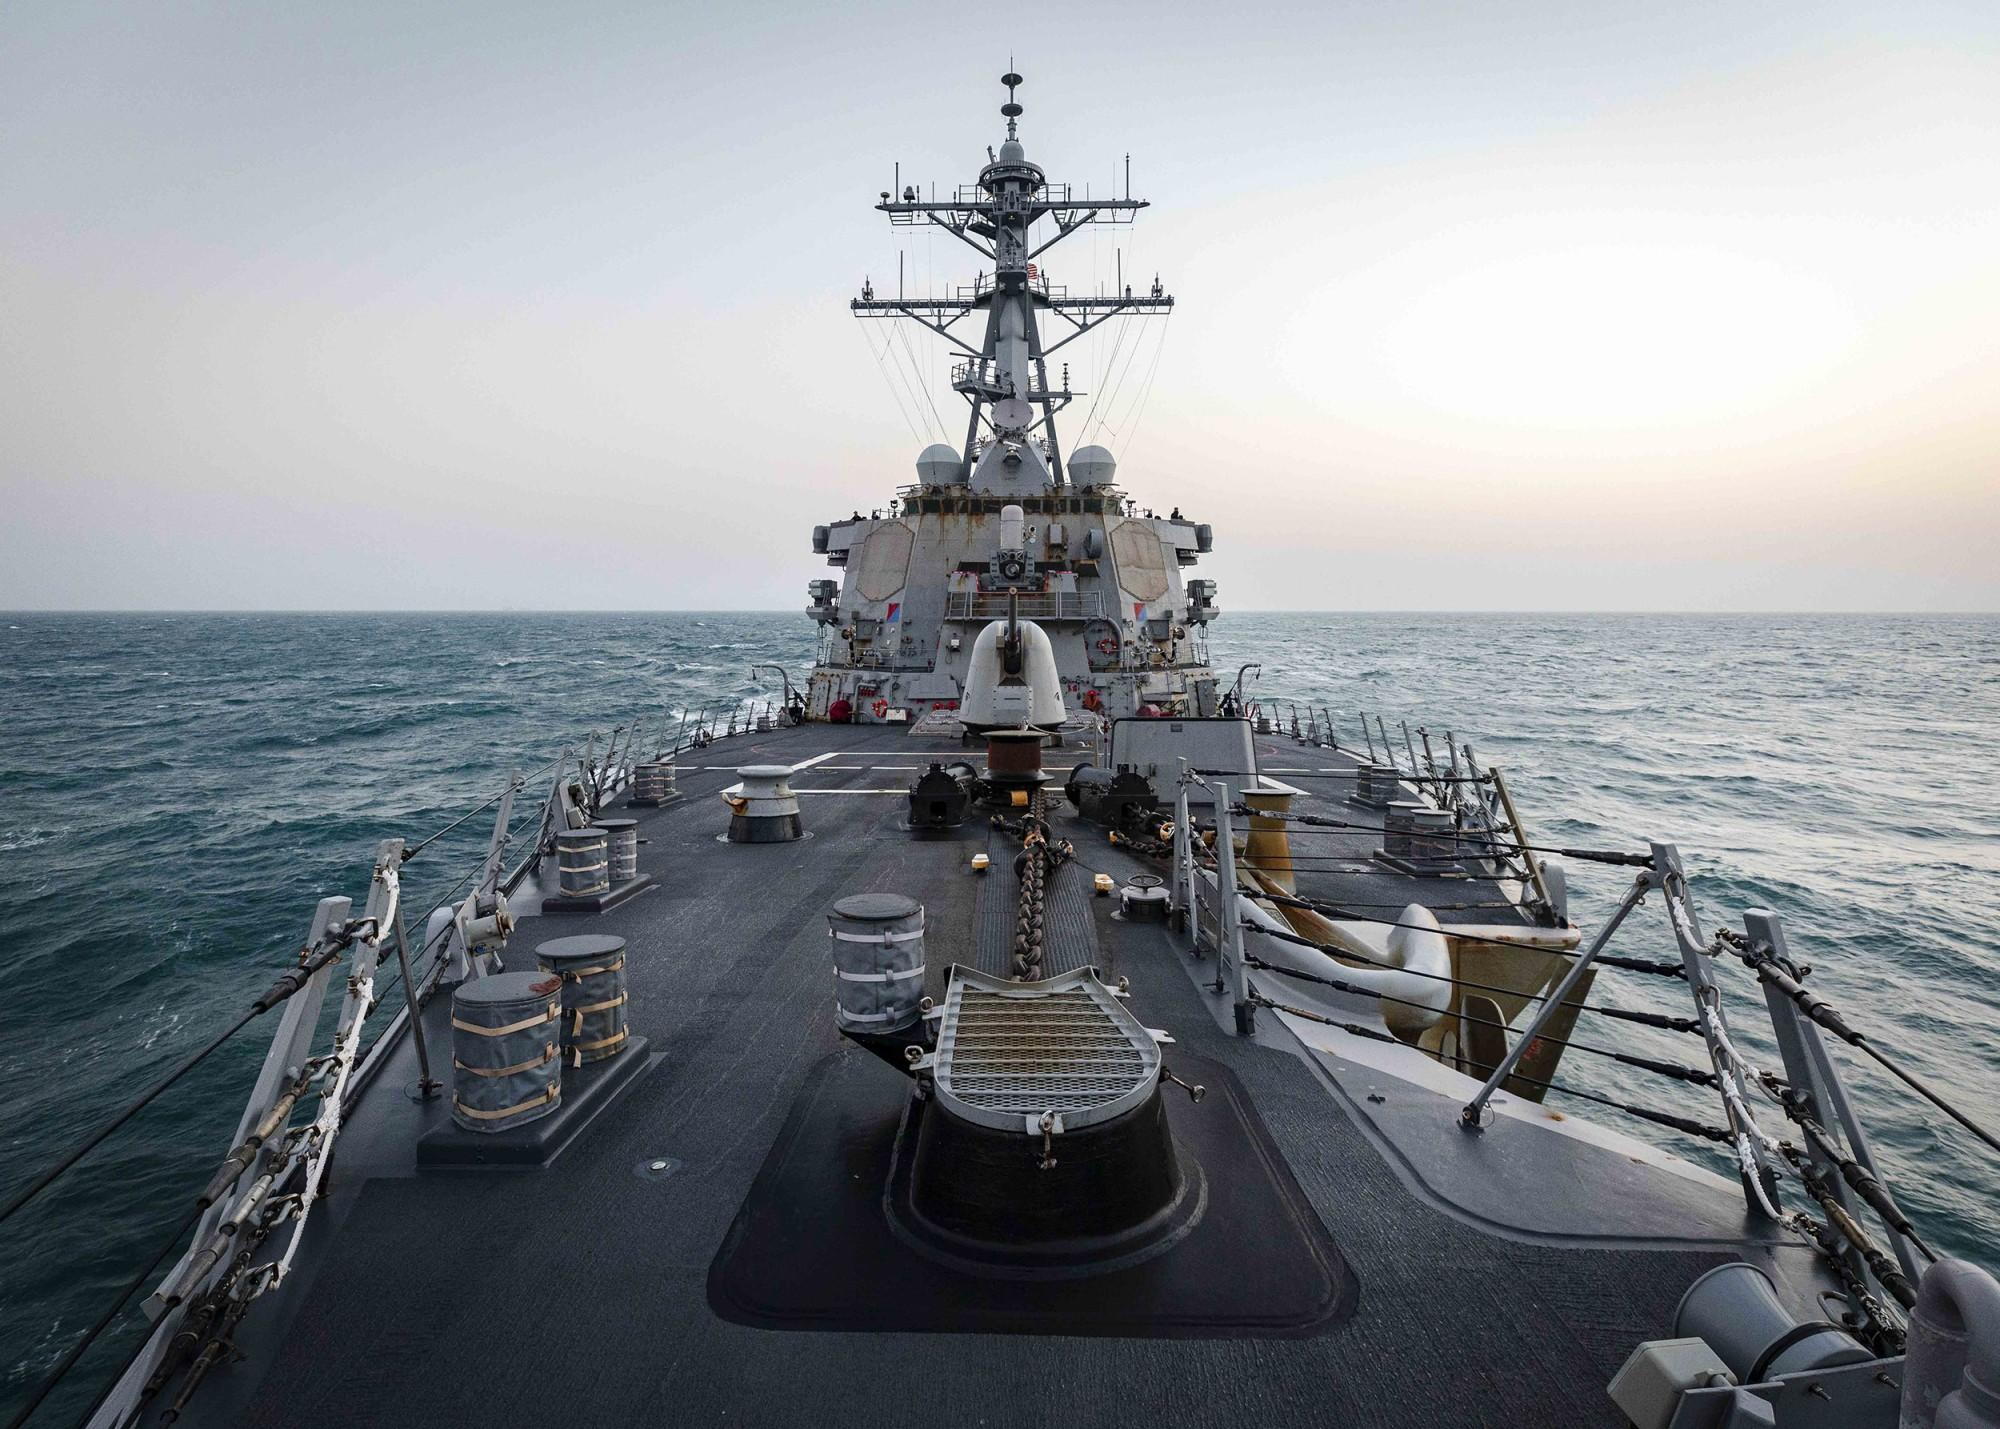 U.S. Navy Warship Sails Through Taiwan Strait for First Time Under Biden